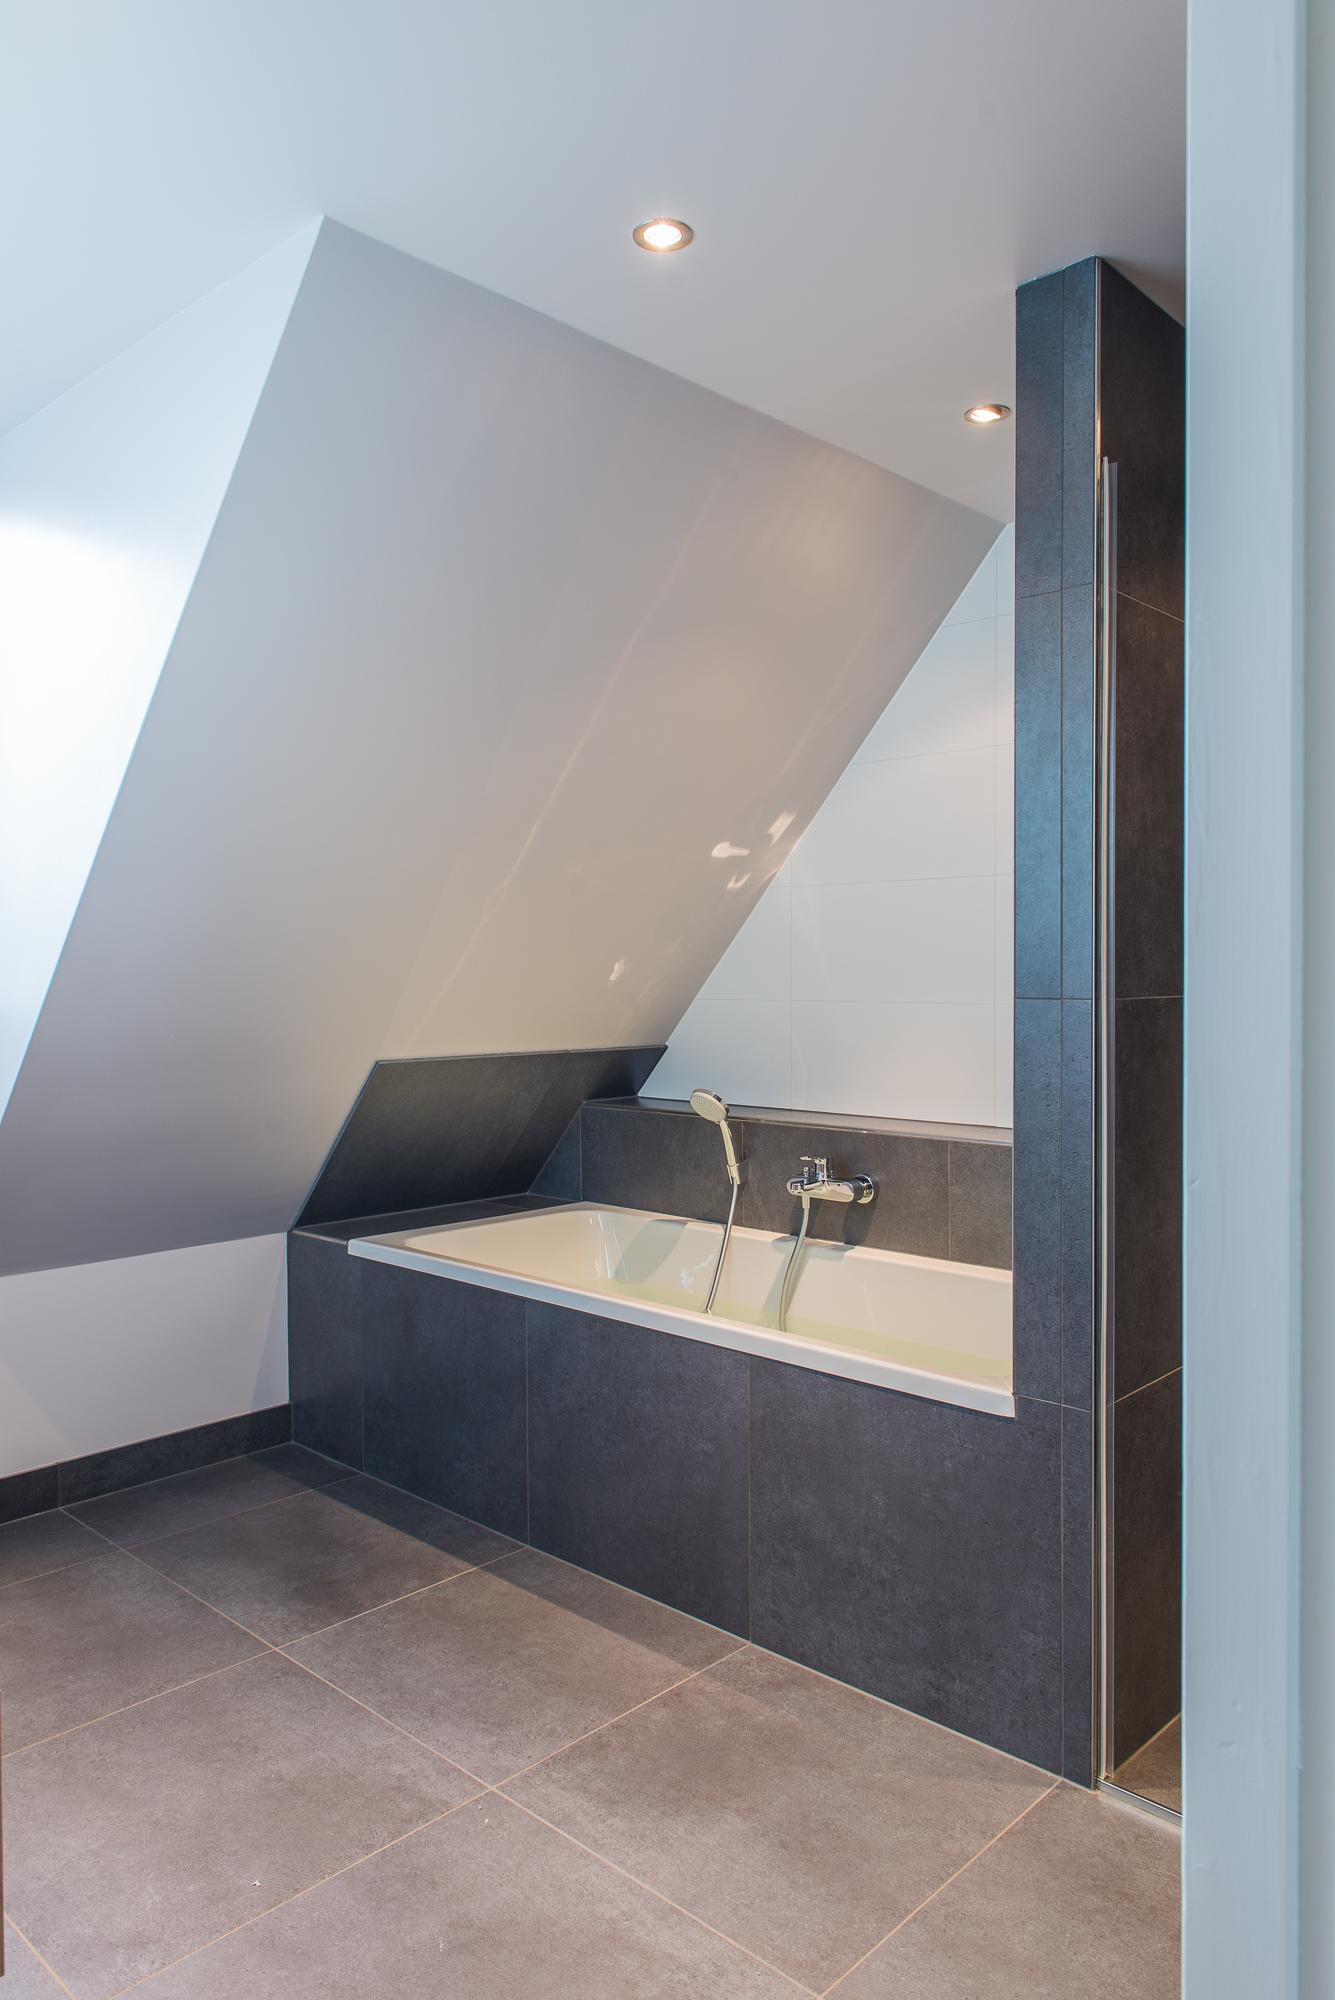 Spots inloopdouche ontwerp inspiratie voor uw badkamer meubels thuis - Lavabos ontwerp ...